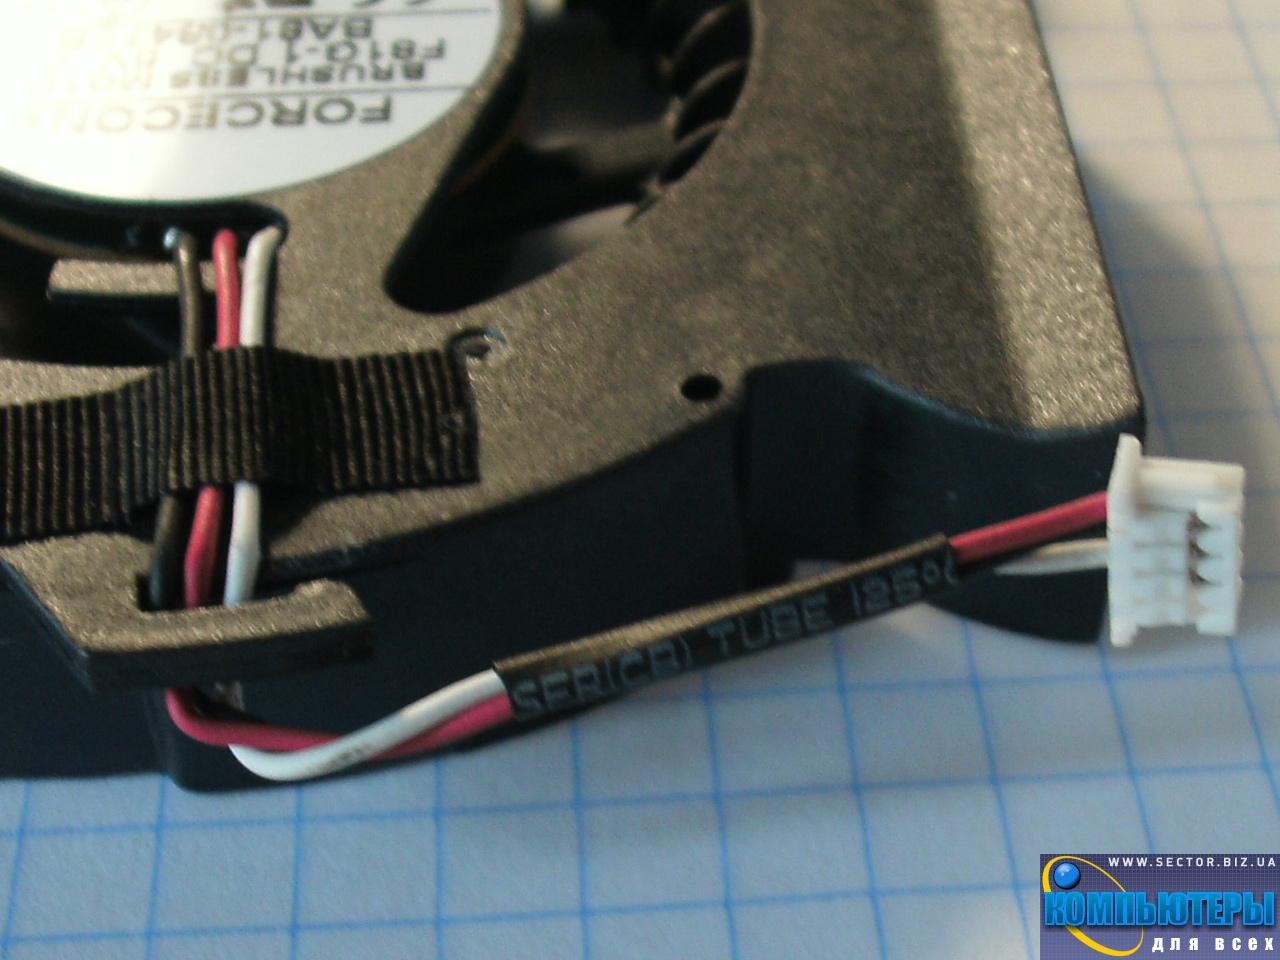 Кулер к ноутбуку Samsung P530 R523 R525 R528 R530 R538 R540 p/n: DFS531005MC0T F81G-1. Фото № 4.